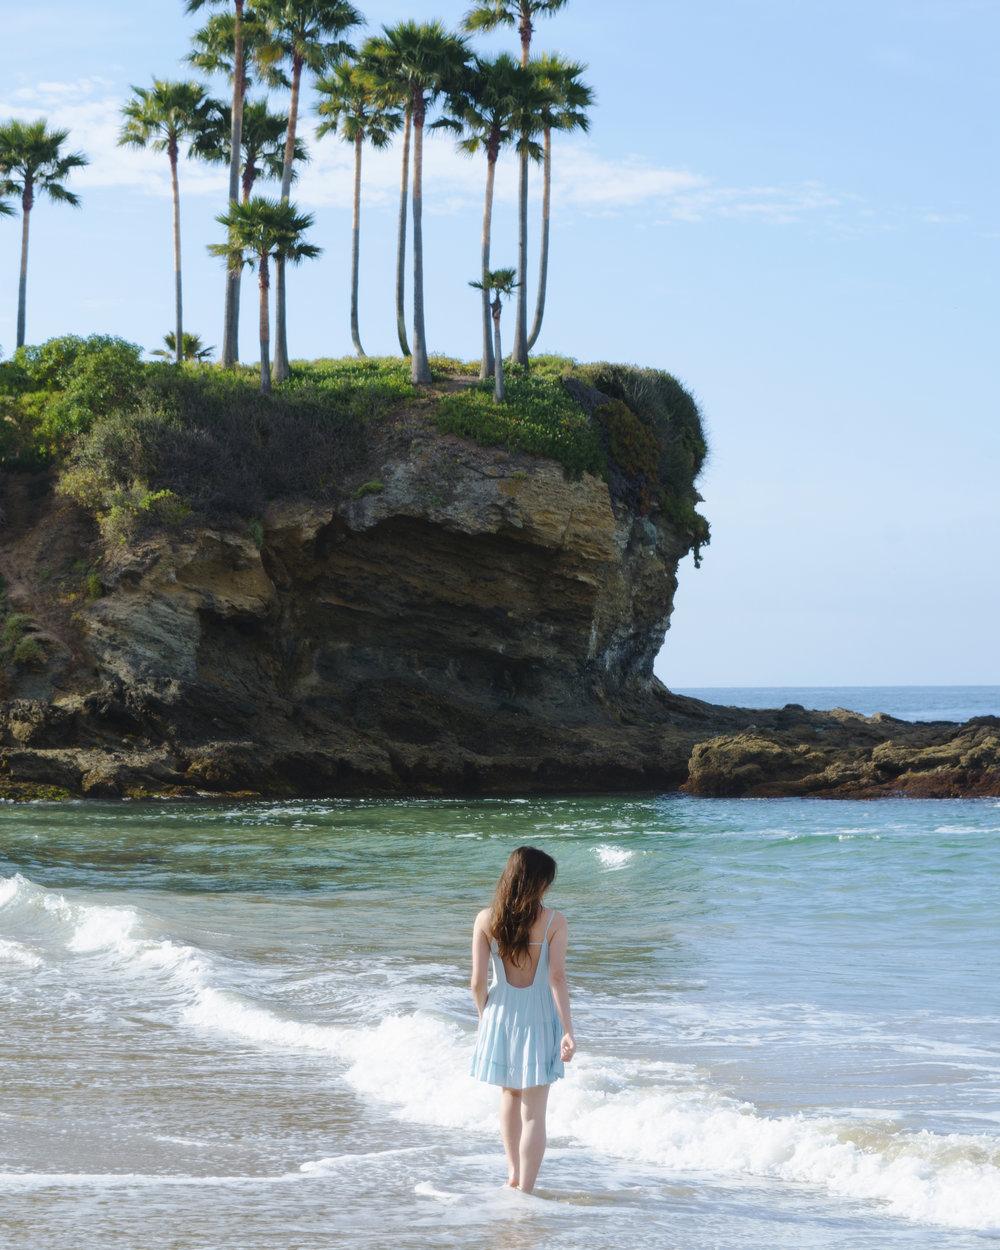 chelkt laguna beach